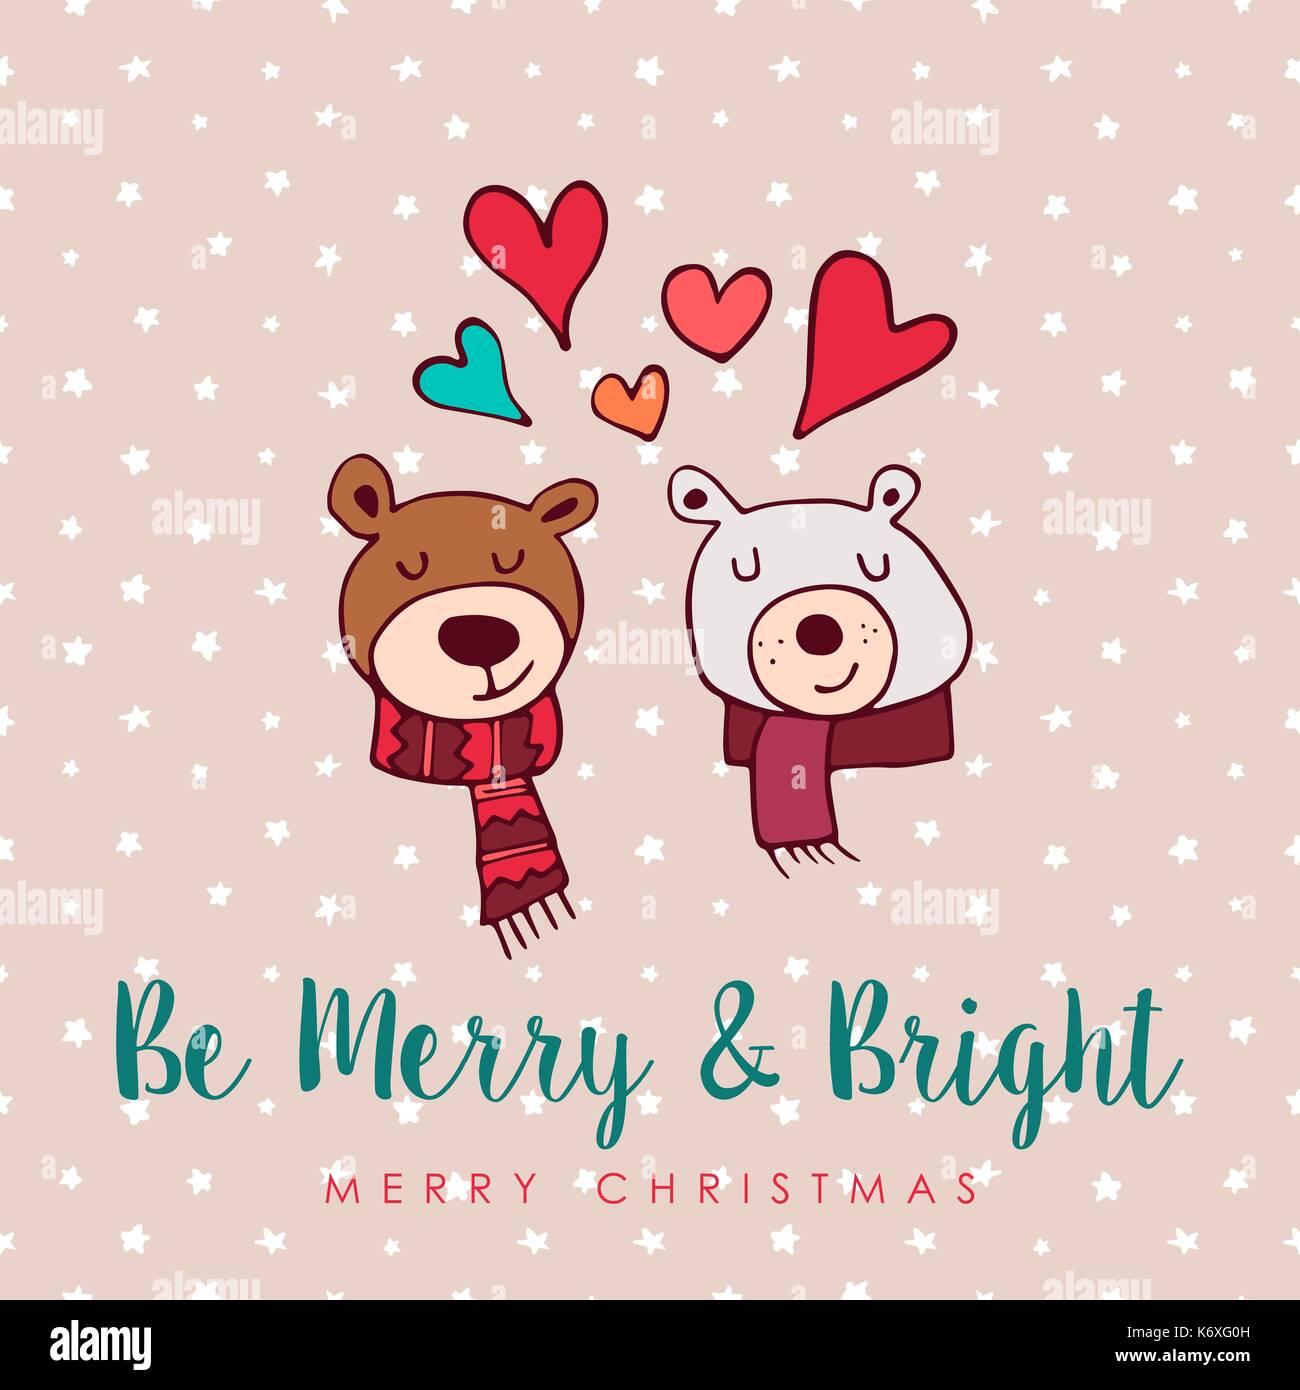 Frohe Weihnachten Liebe.Frohe Weihnachten Hand Gezeichnet Tragen Grusskarte Abbildung